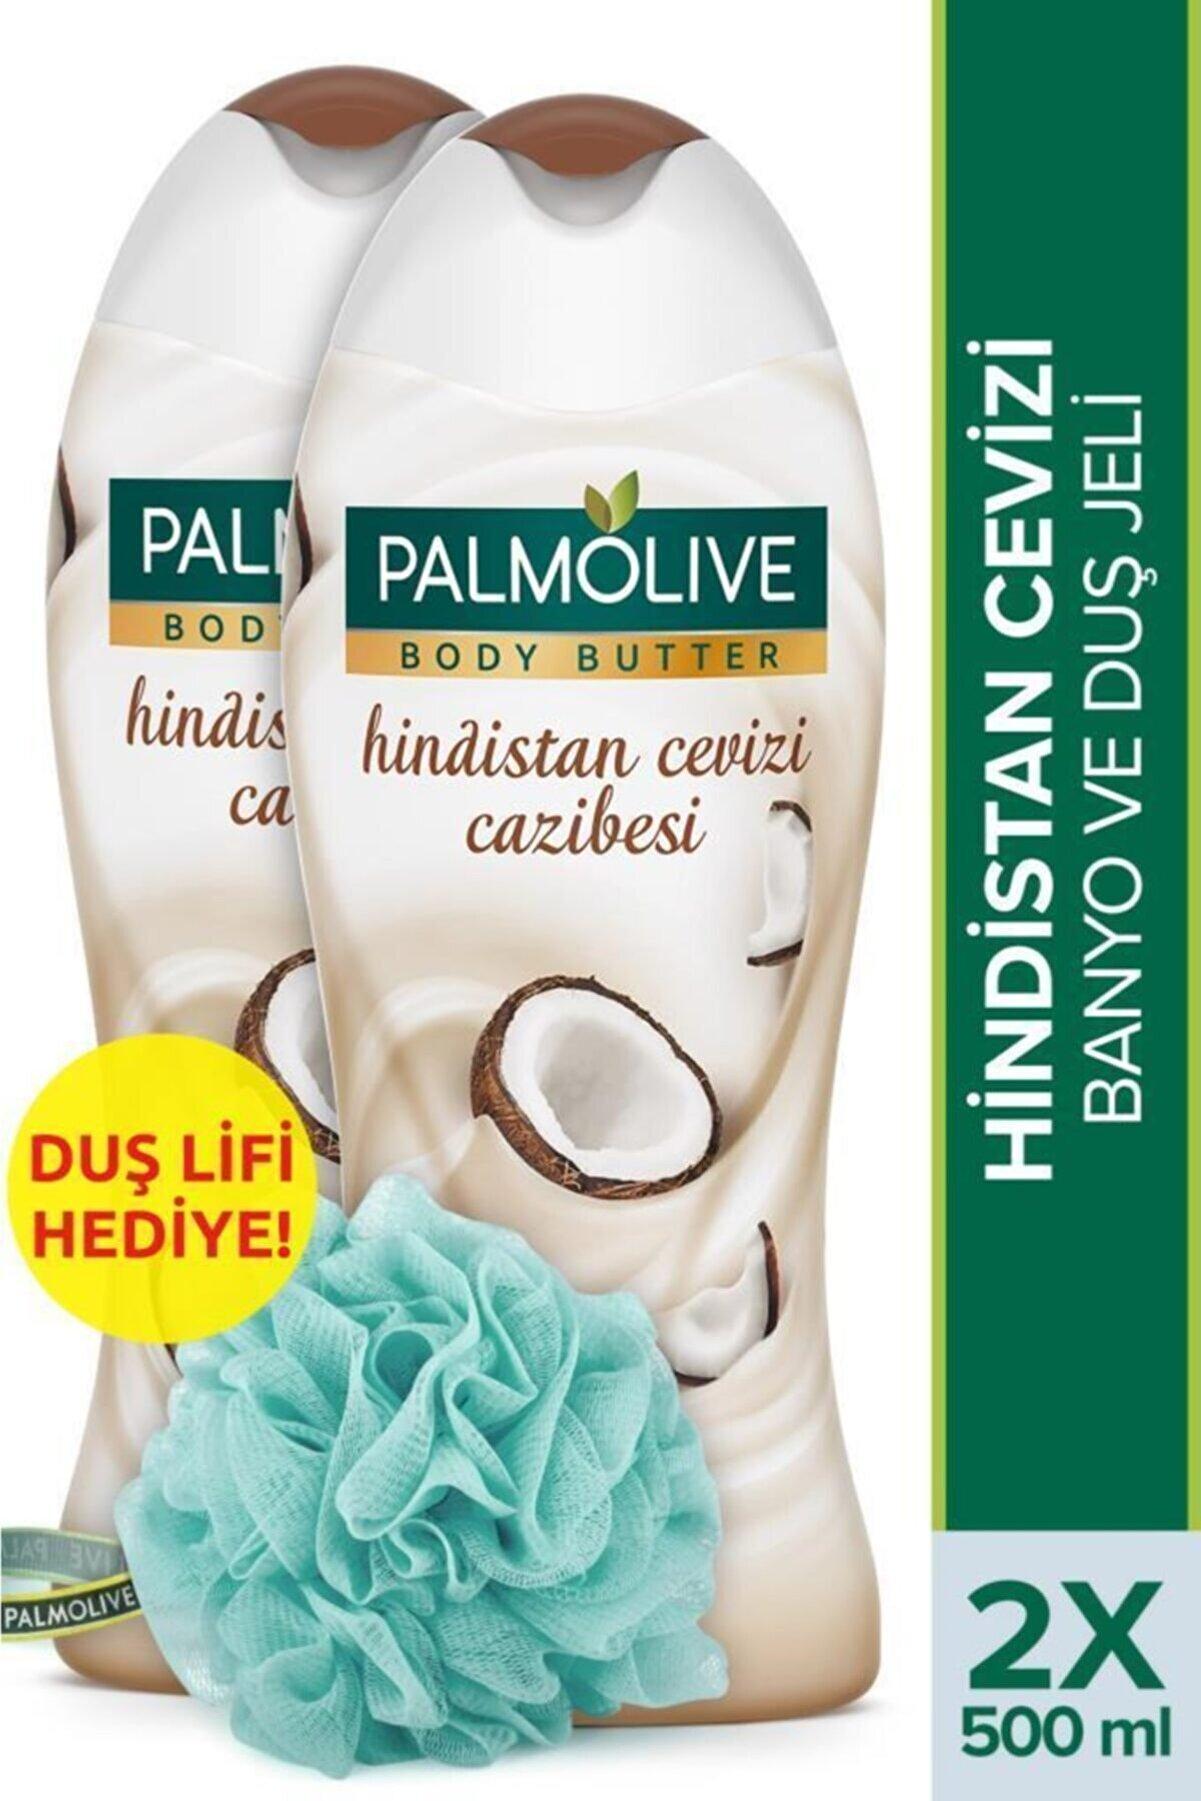 Palmolive Body Butter Hindistan Cevizi Cazibesi Banyo ve Duş Jeli 500 ml x 2 Adet + Duş Lifi Hediye